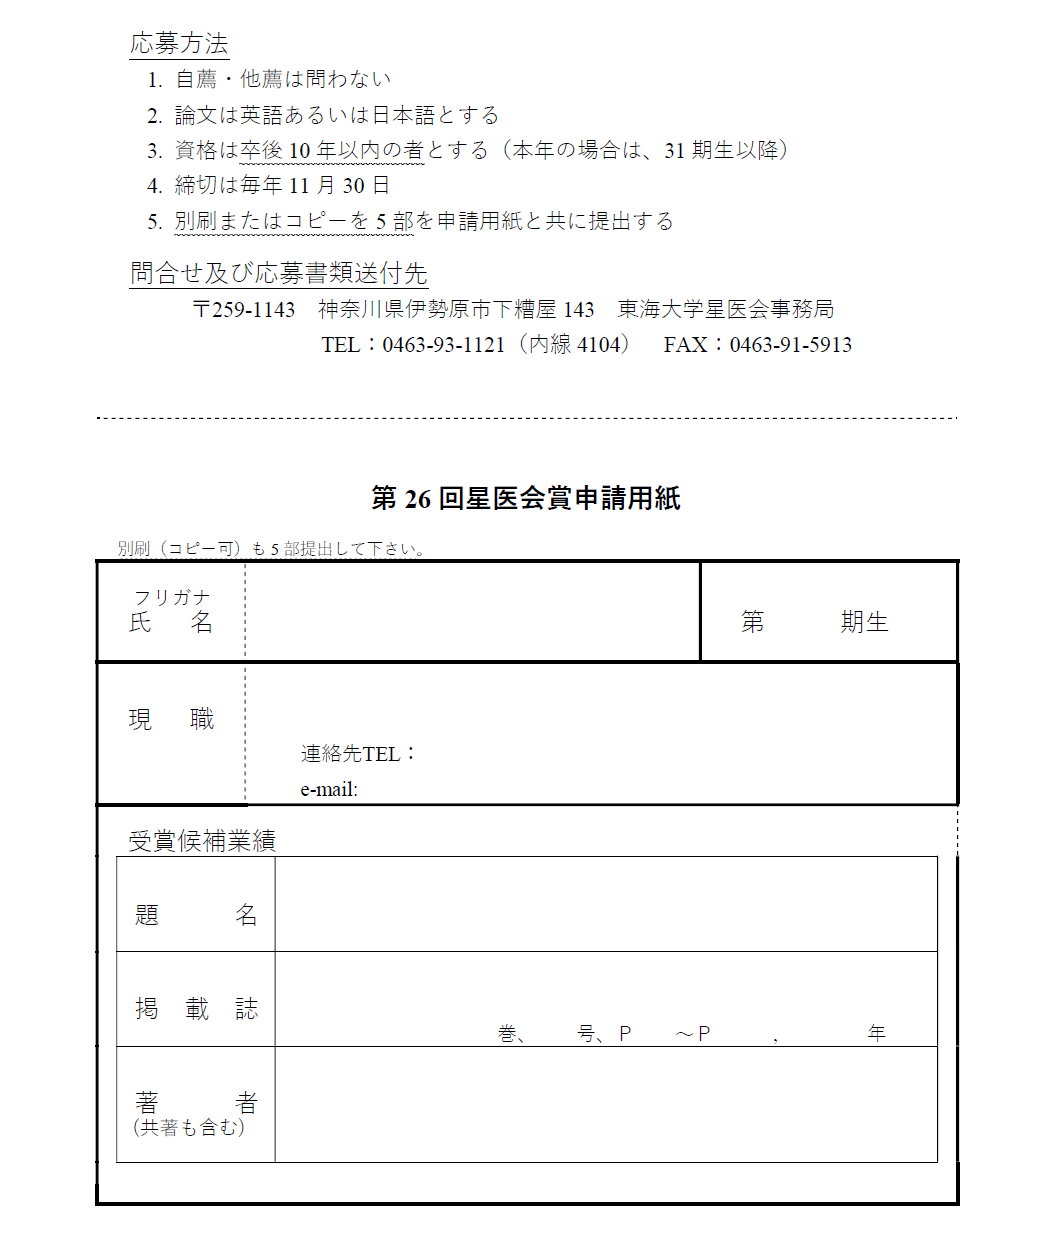 星医会賞 申請用紙